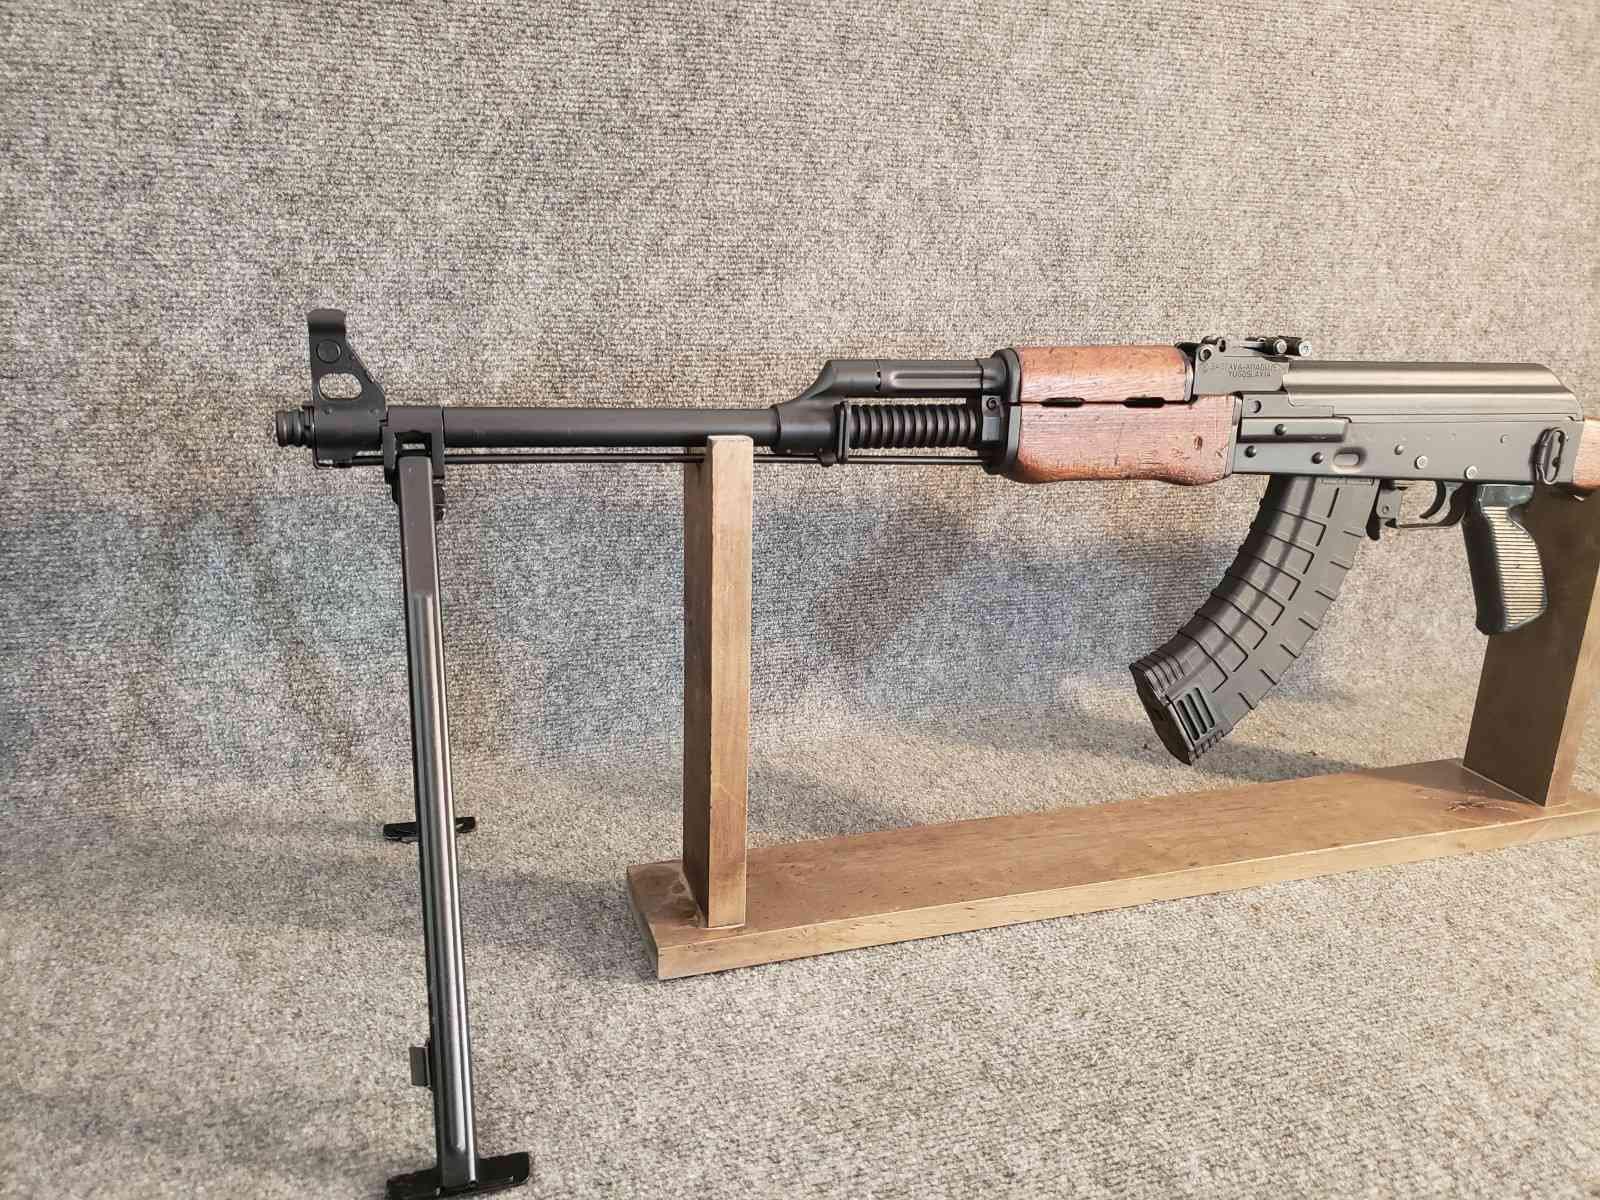 NGS Yugo M72B1 RPK AK 47